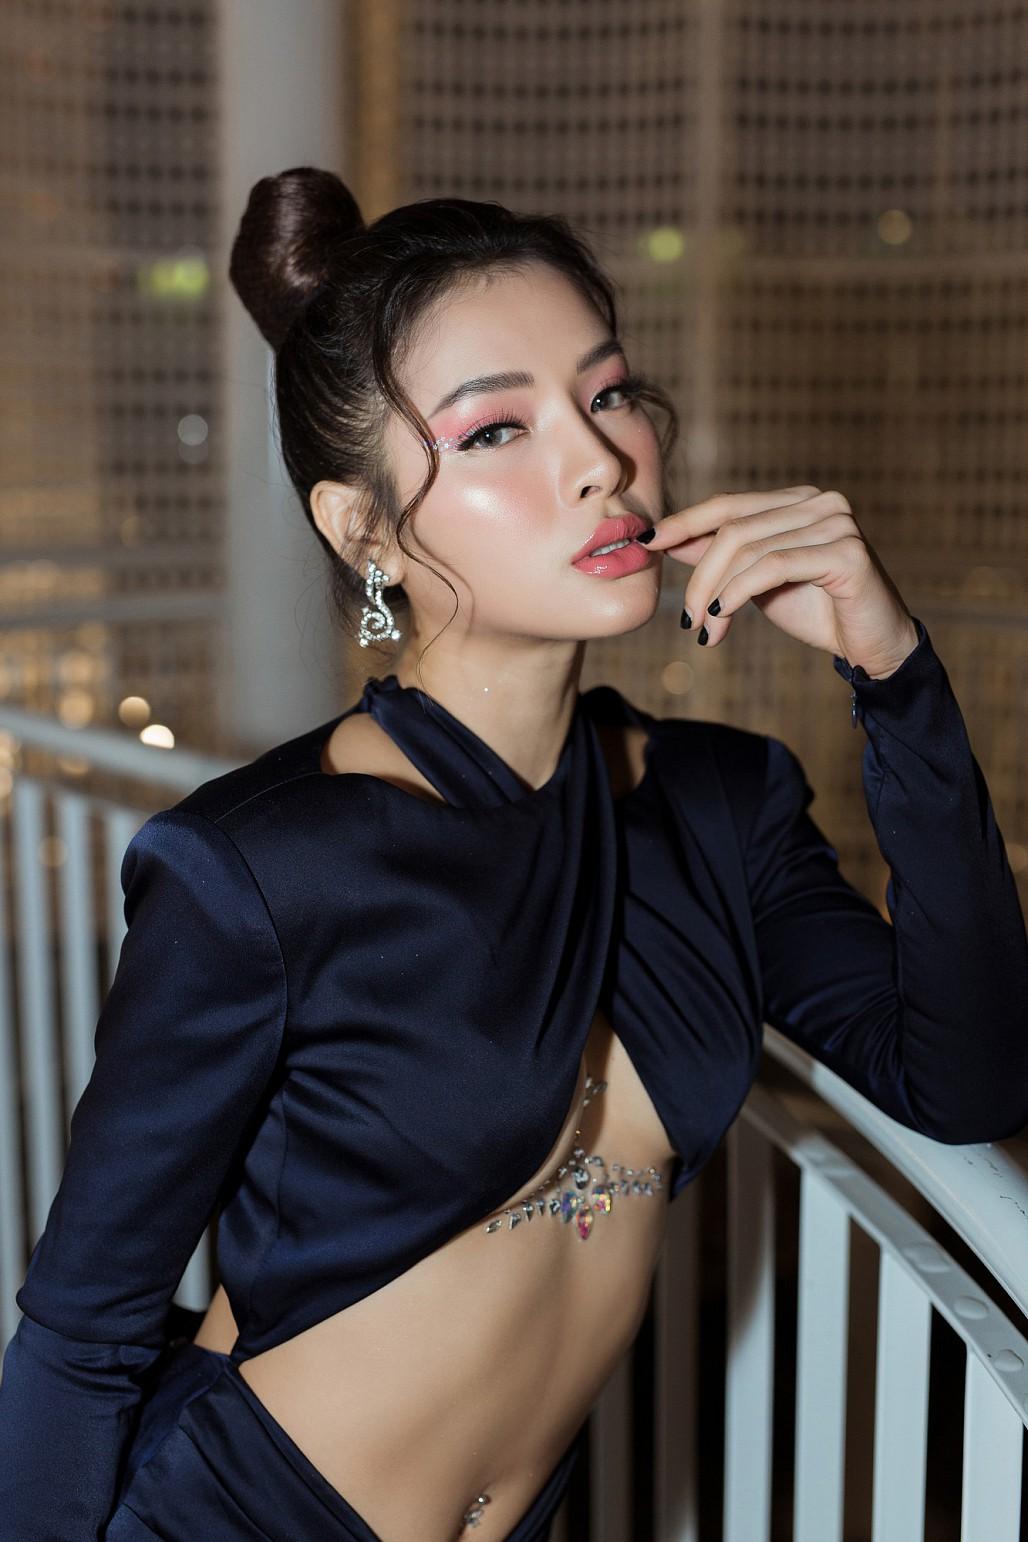 Không để kém cạnh chị em, Phương Trinh Jolie diện váy cắt xẻ táo bạo khoe nửa bầu ngực khiến nhiều người 'đỏ mặt' - Ảnh 3